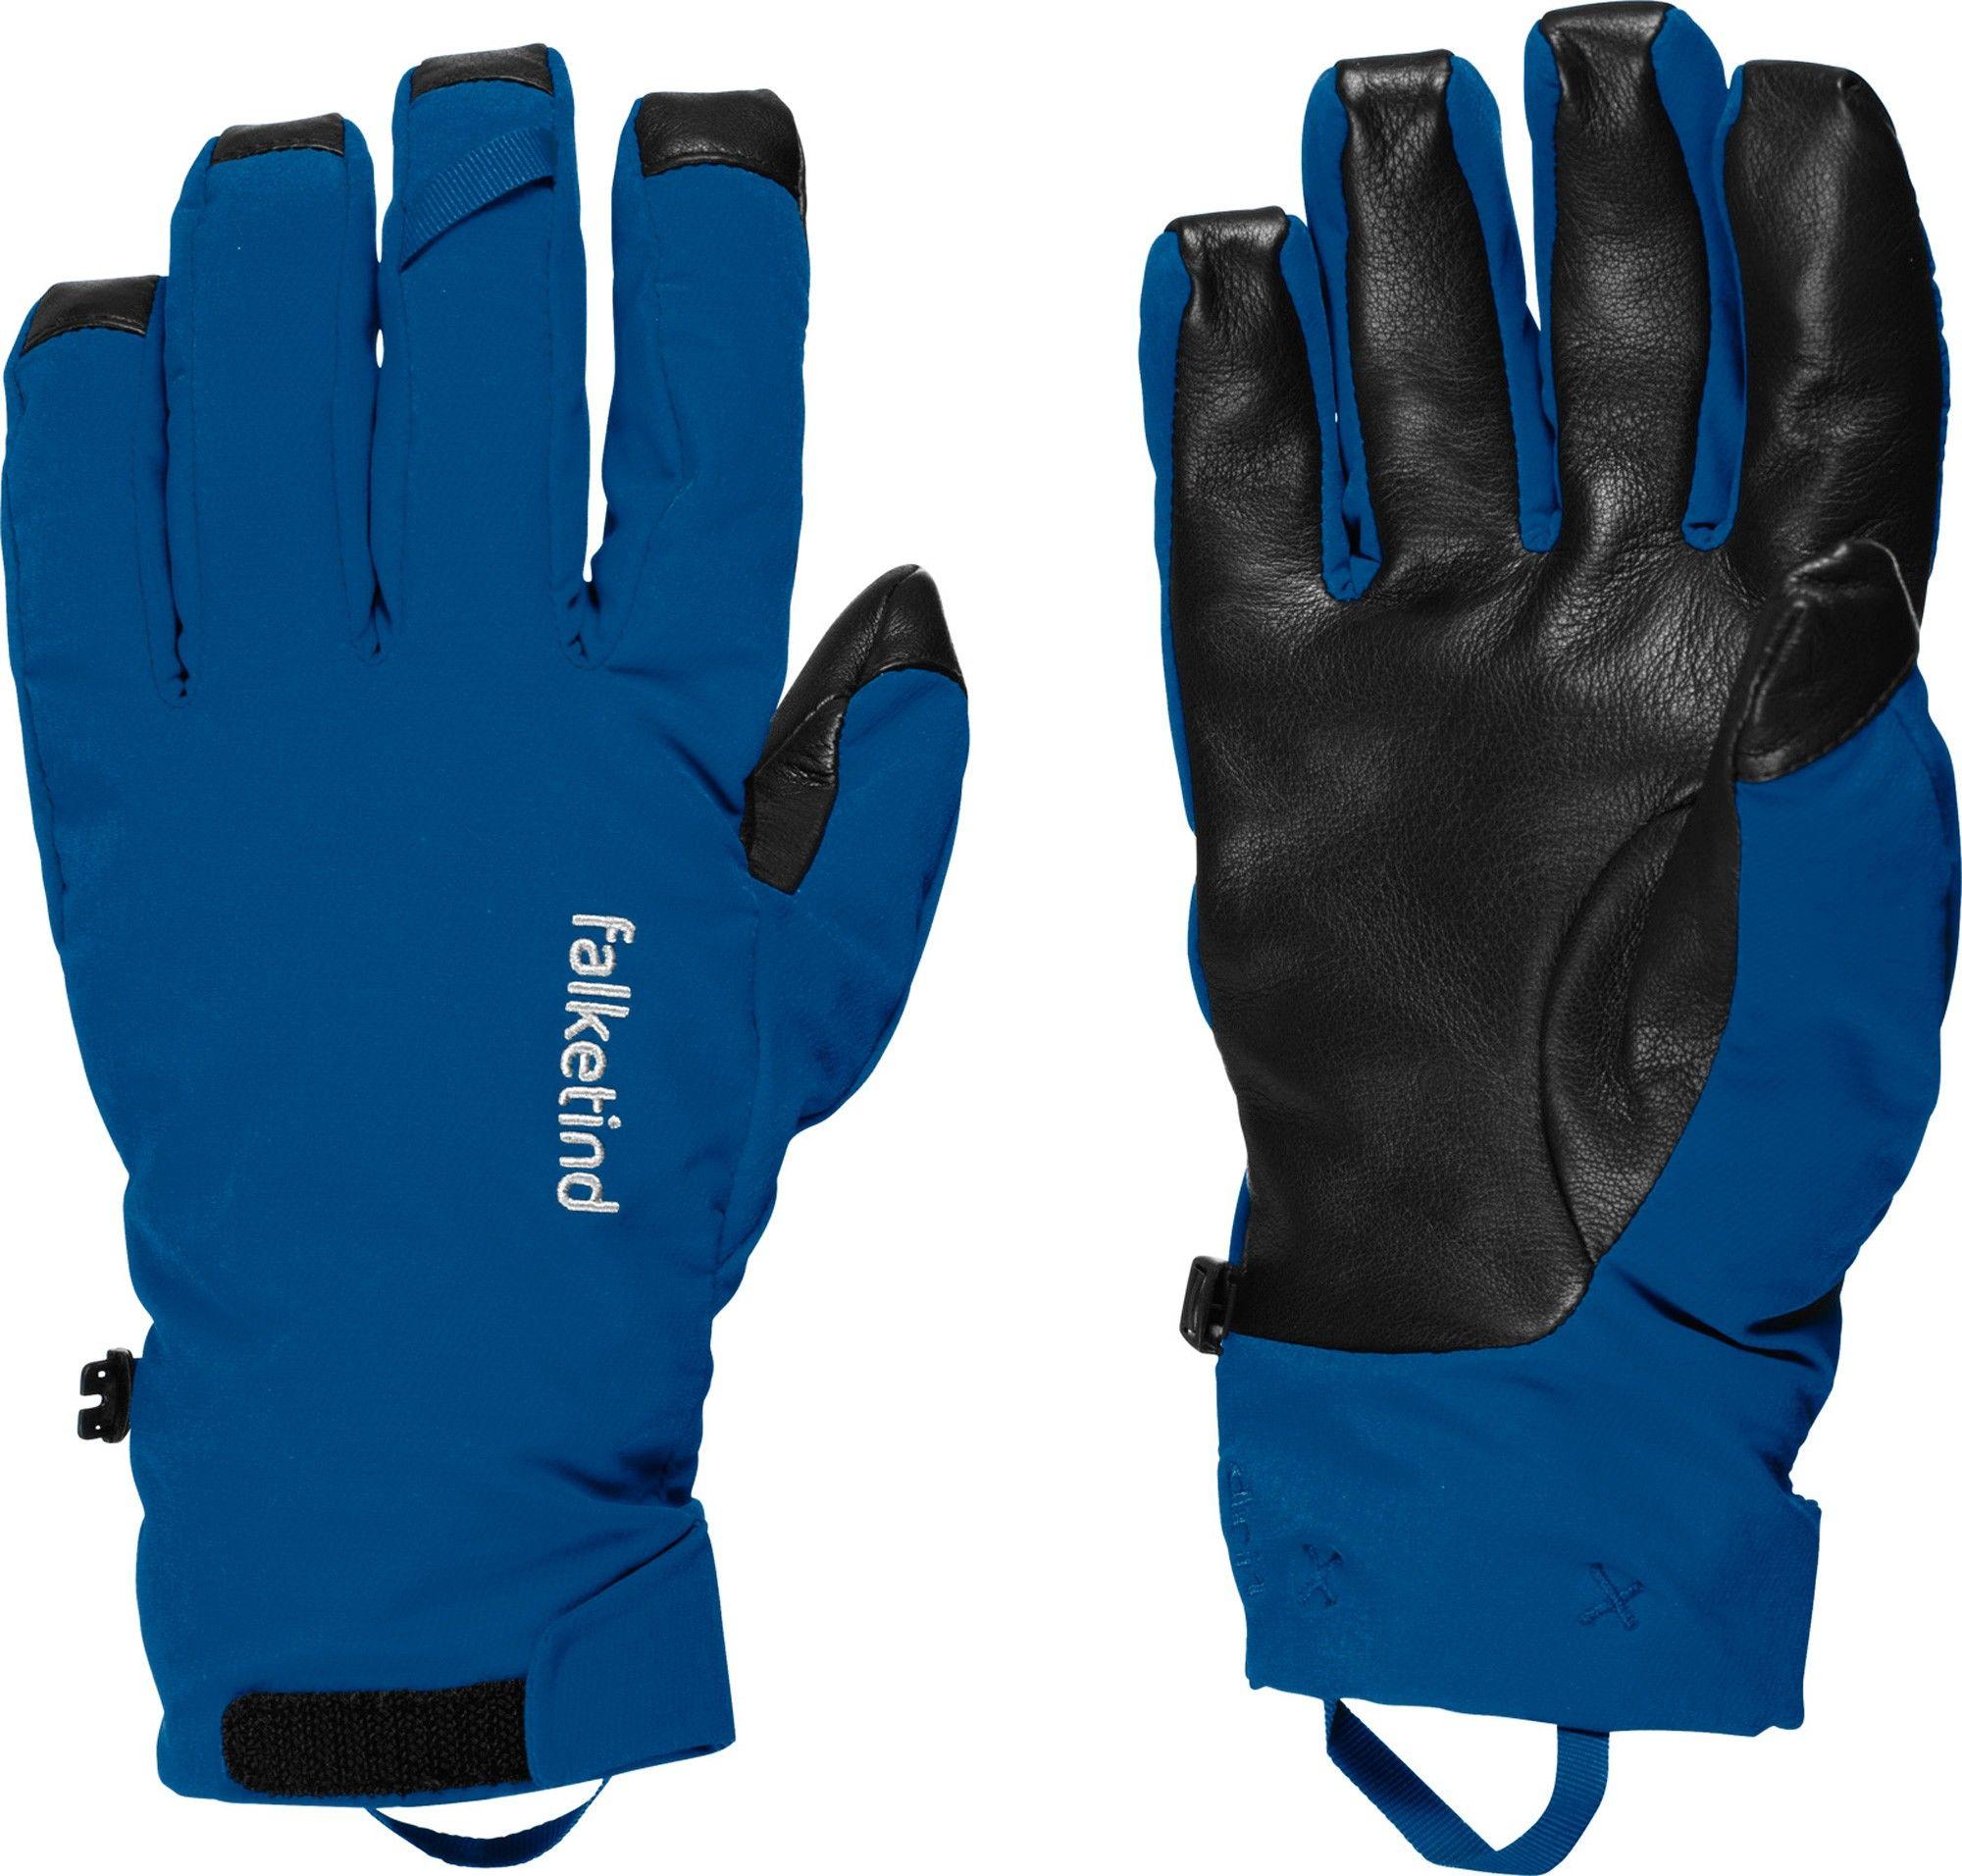 Norrona Falketind DRI Short Gloves | Größe XS,S,M,L,XL |  Fingerhandschuh